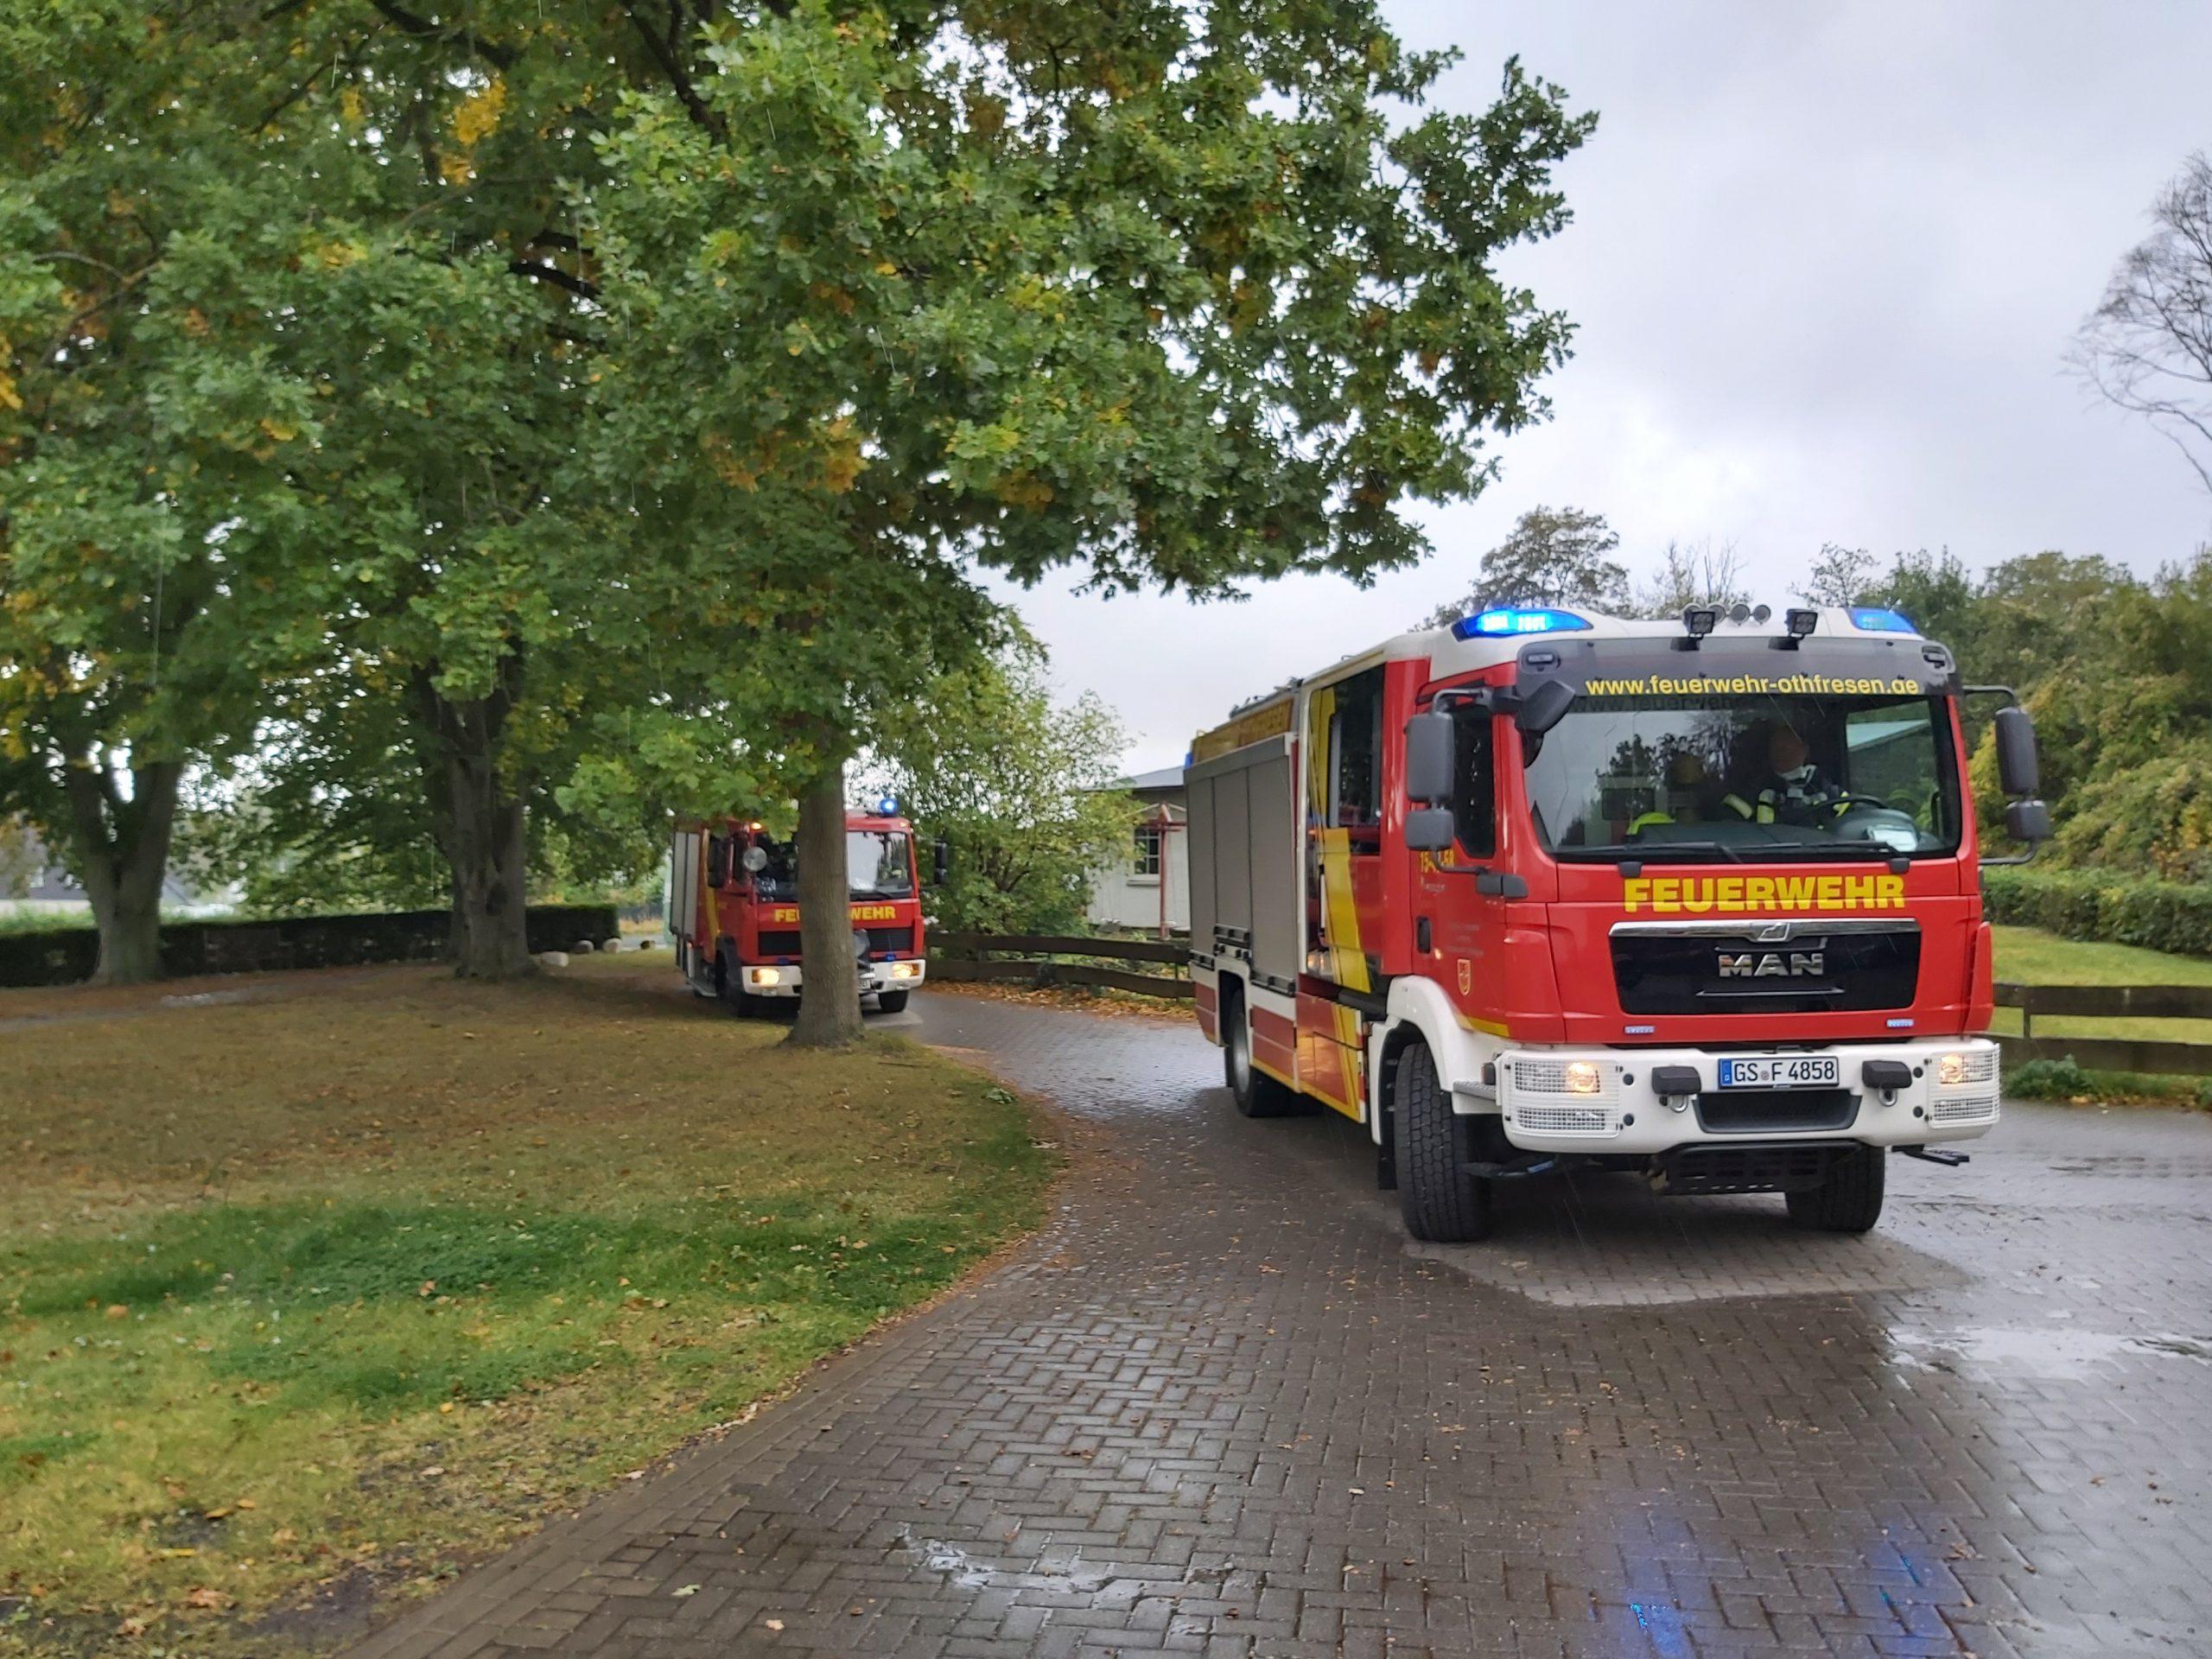 Feuerwehreinsatz durch Brandmeldeanlage